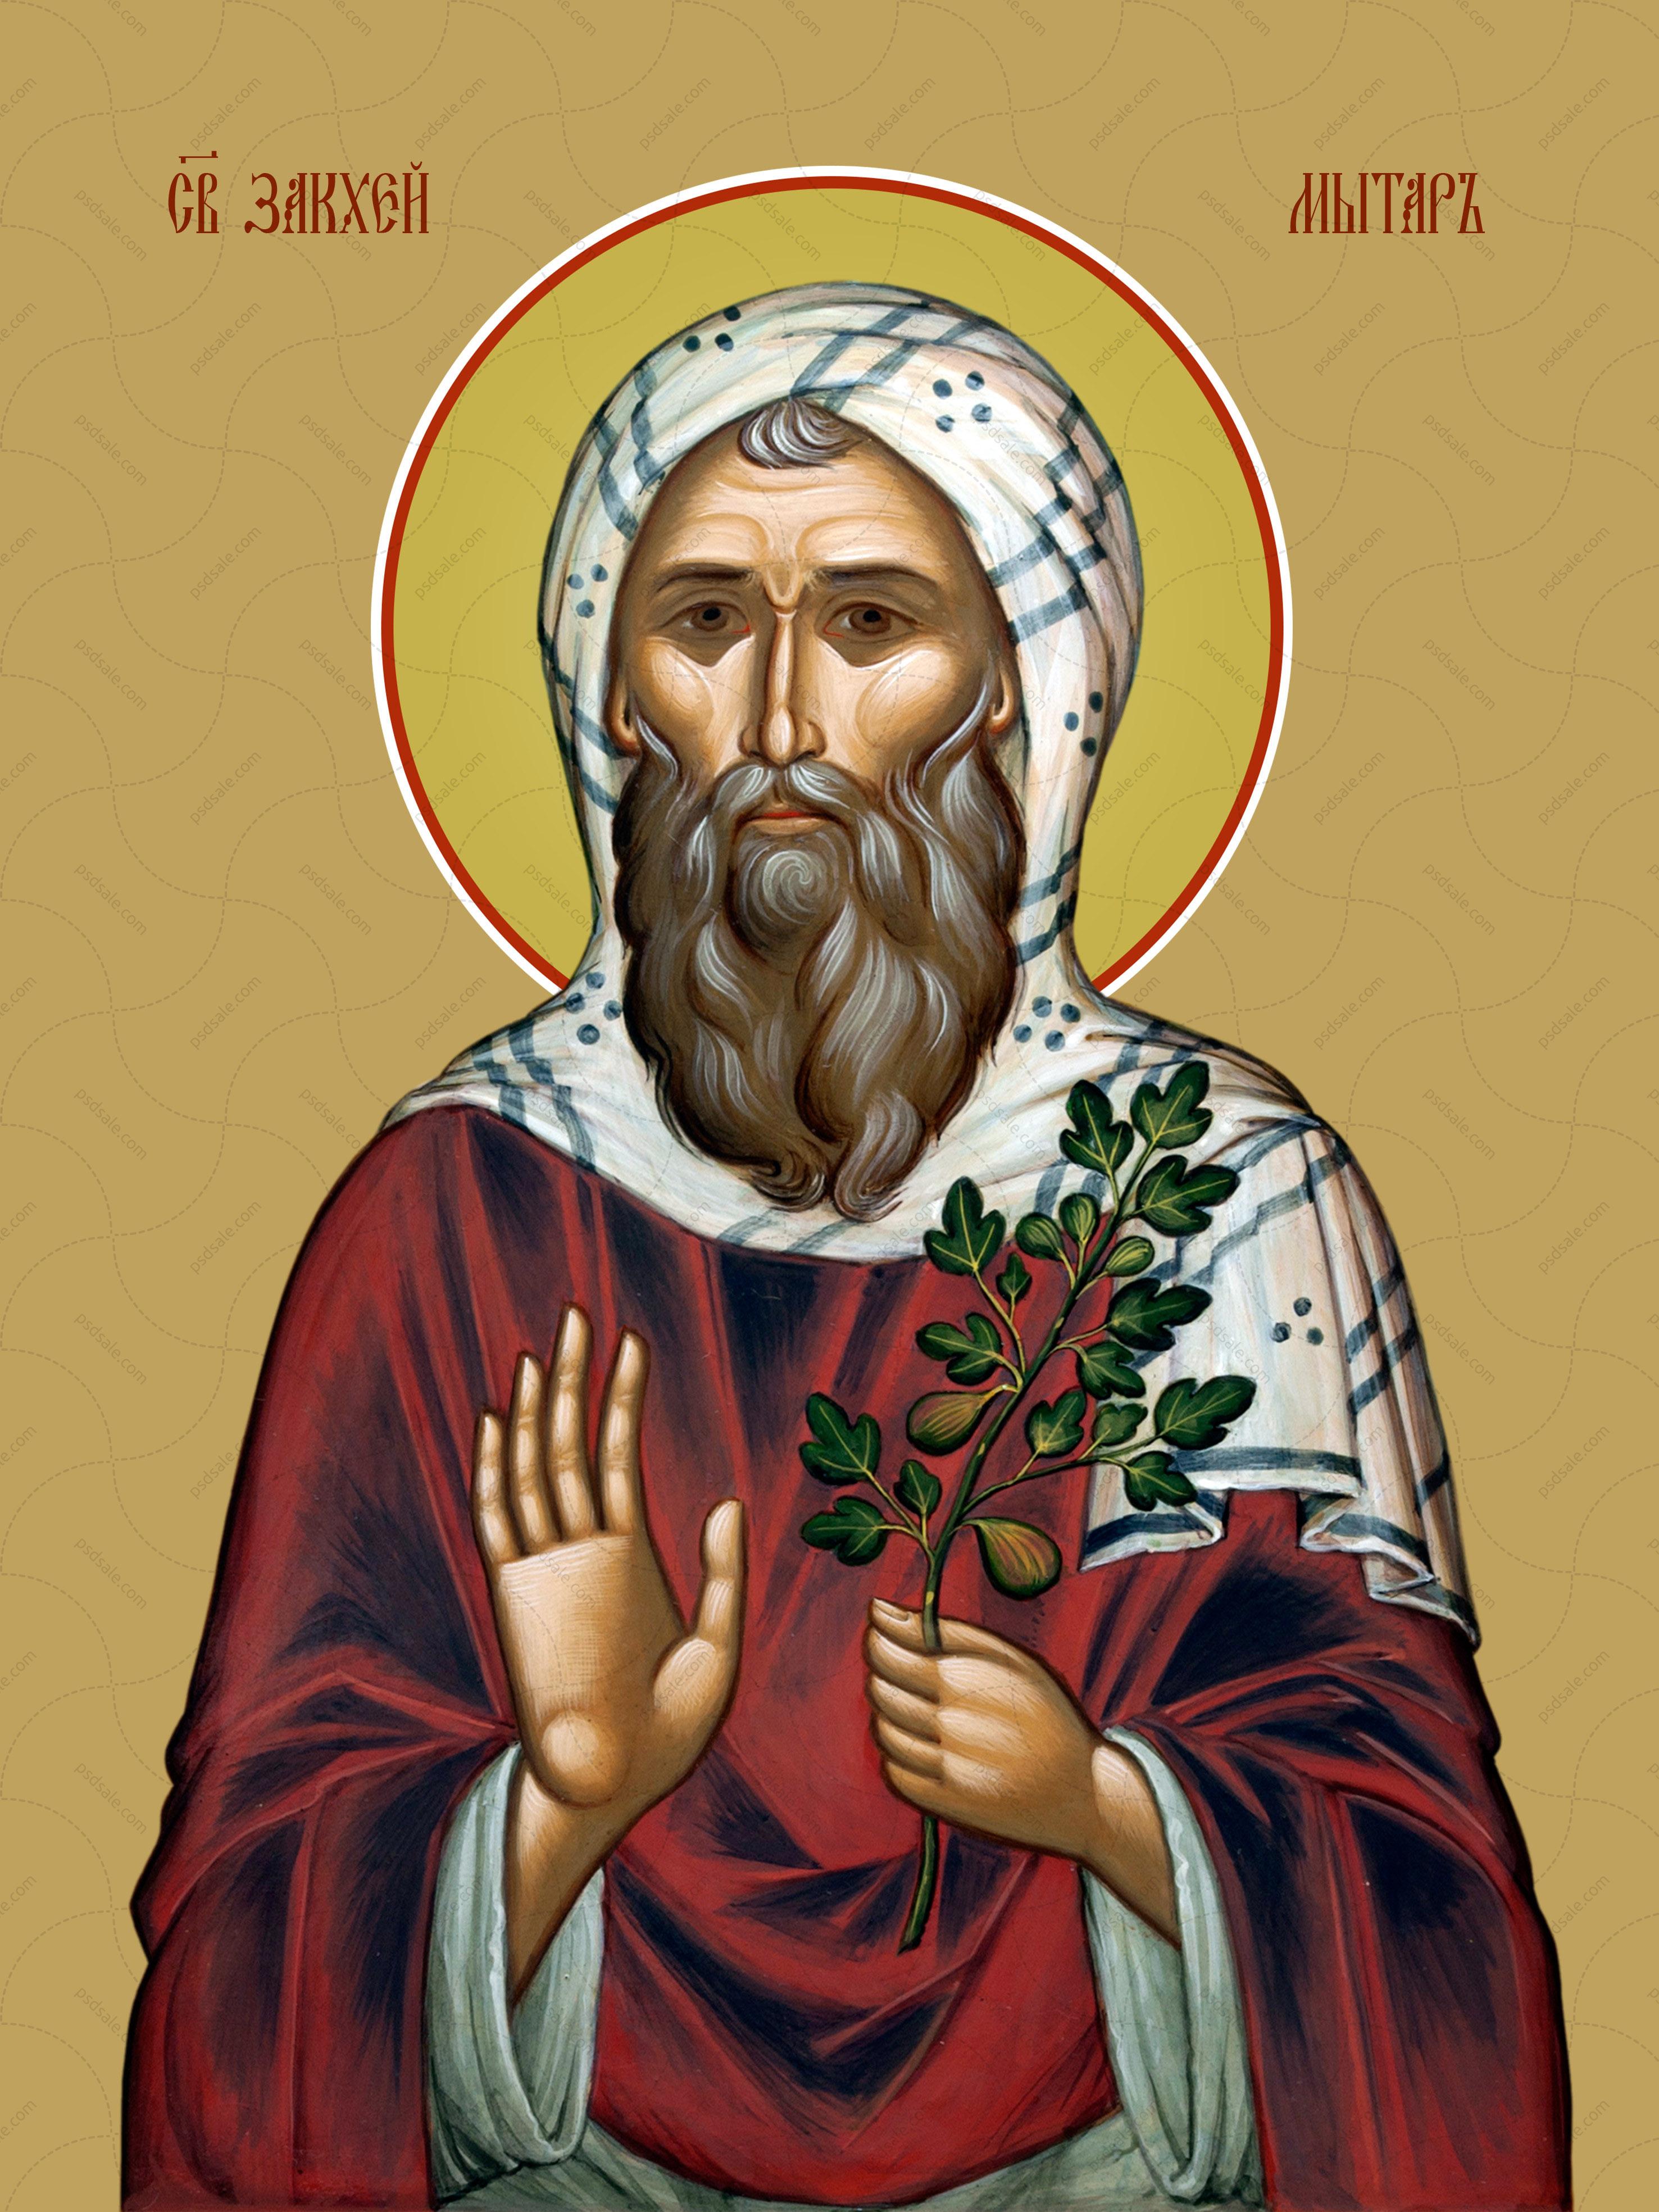 Закхей Мытарь, святой